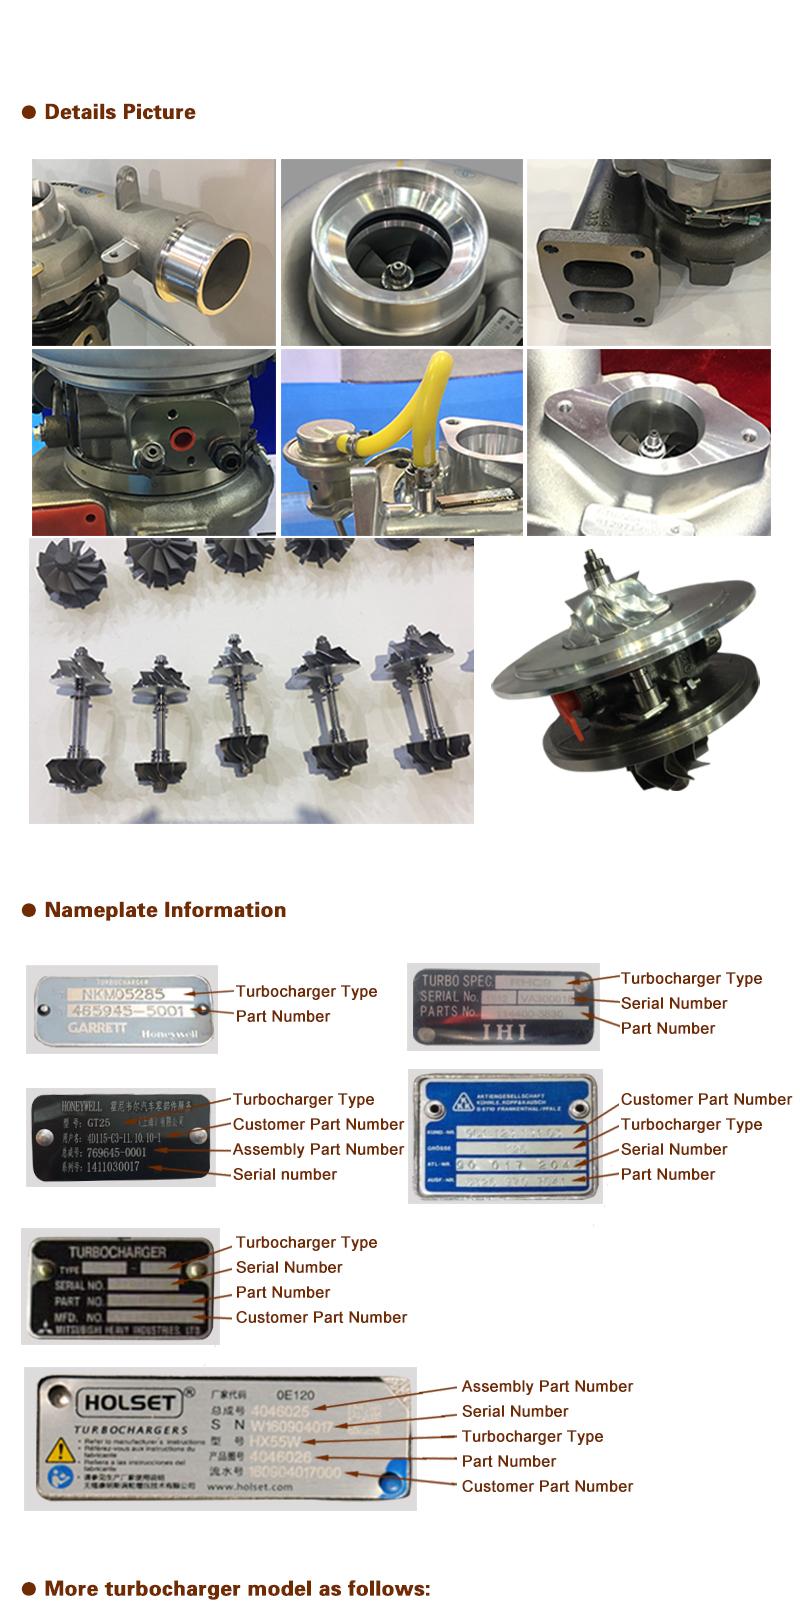 Các Xe Diesel Bộ Phận Động Cơ phổ Turbo Tăng Áp Turbone Turbocharger Đối Với Sâu Bướm 4LF302-1W9383 1W9383